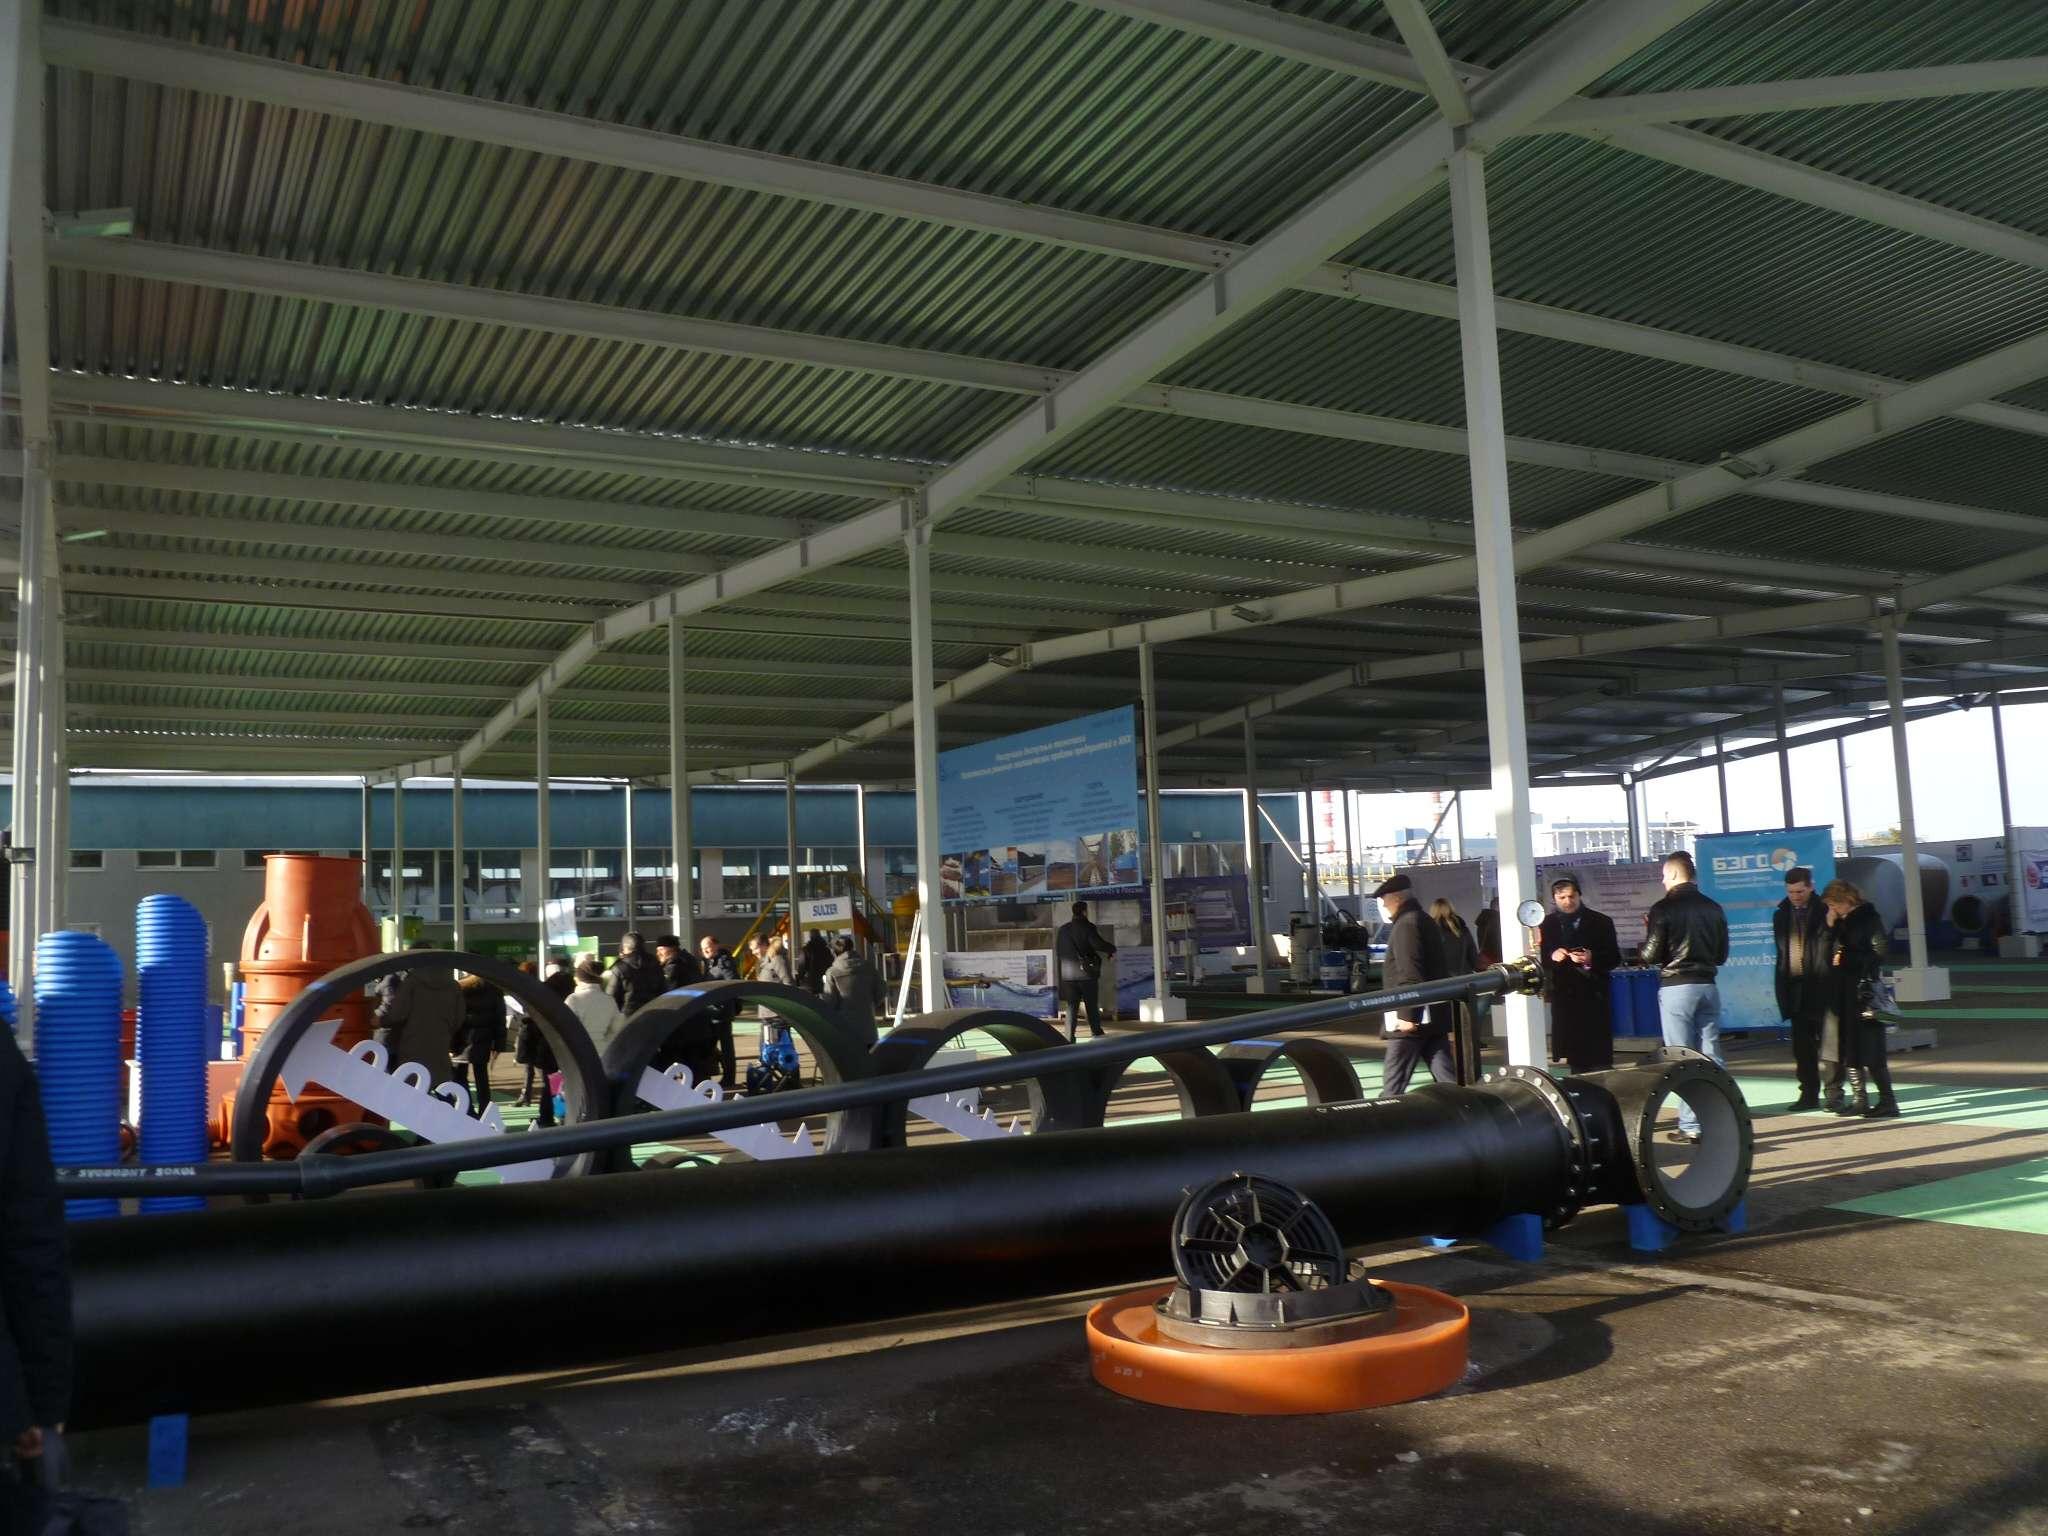 ДАКТ-Инжиниринг - участник экспозиции Водного кластера